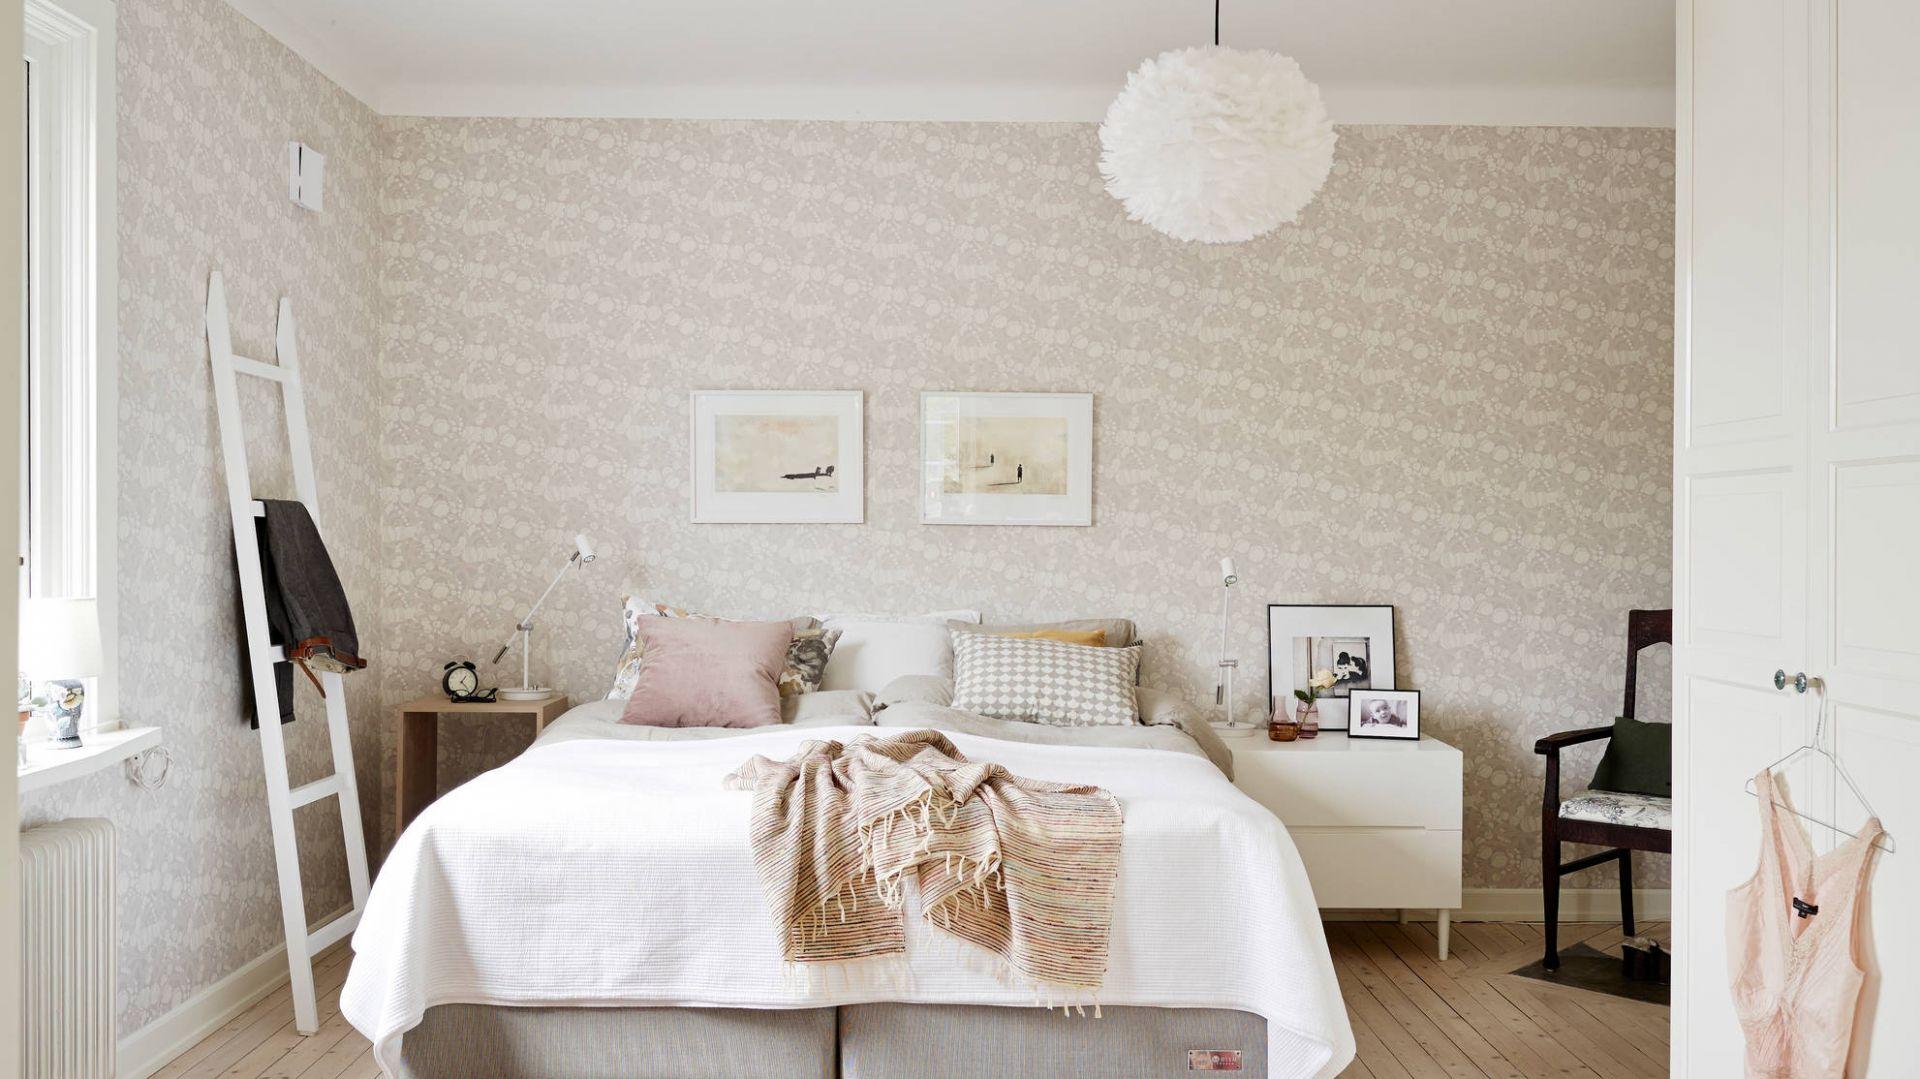 Sypialnia w beżach zawsze jest przytulna i zachęca do odpoczynku. Fot. Stadshem